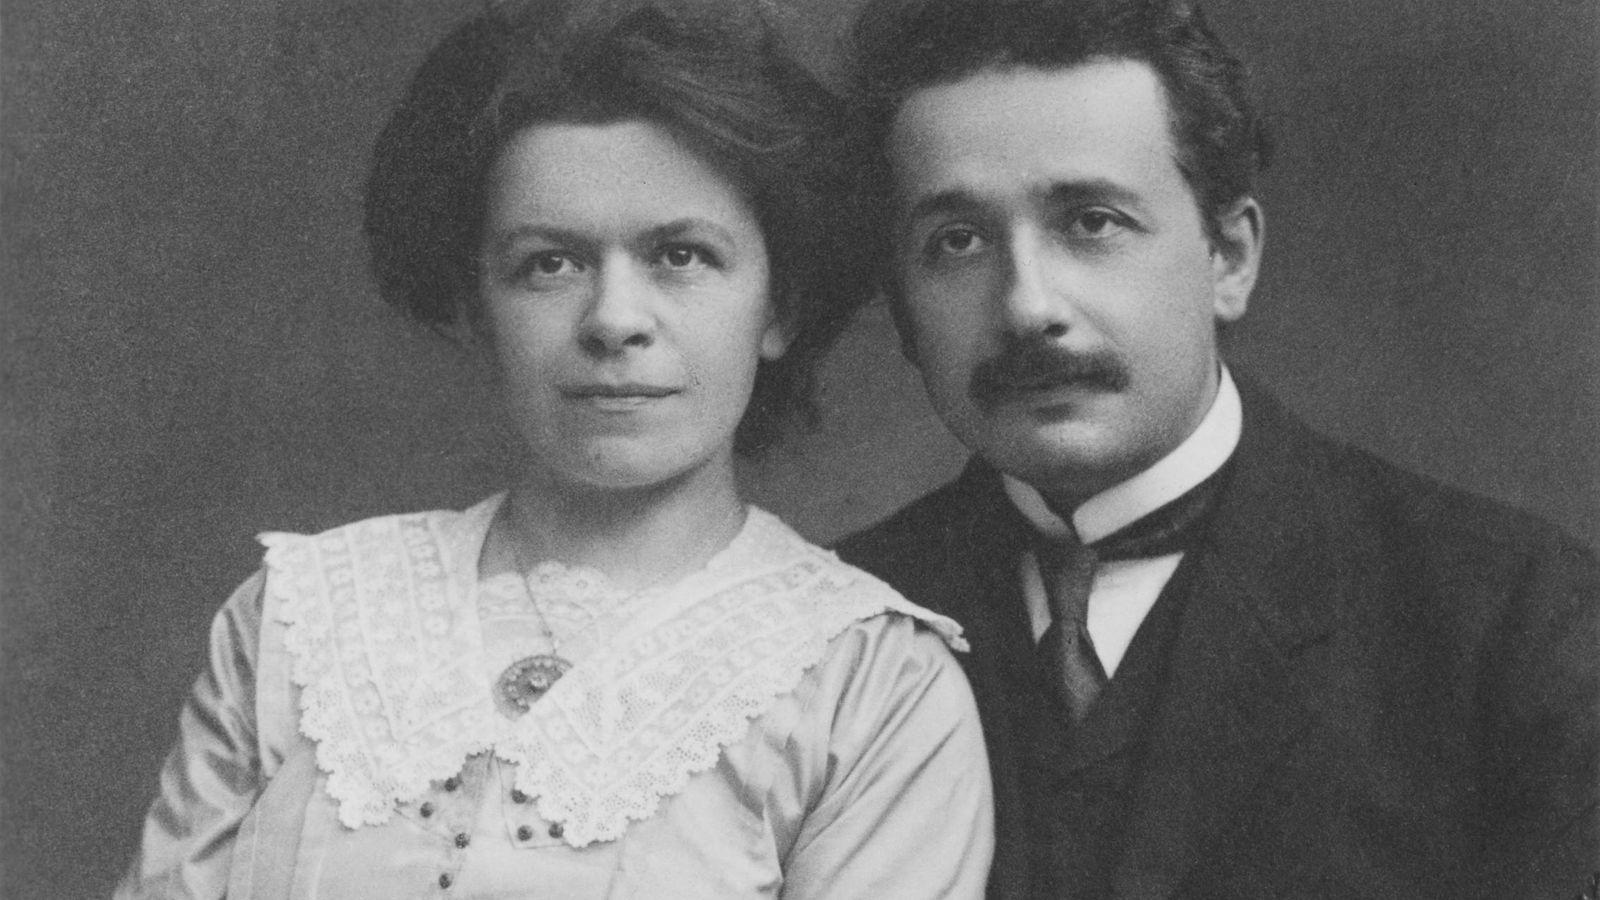 Foto: Mileva Maric y Albert Einstein, 1912